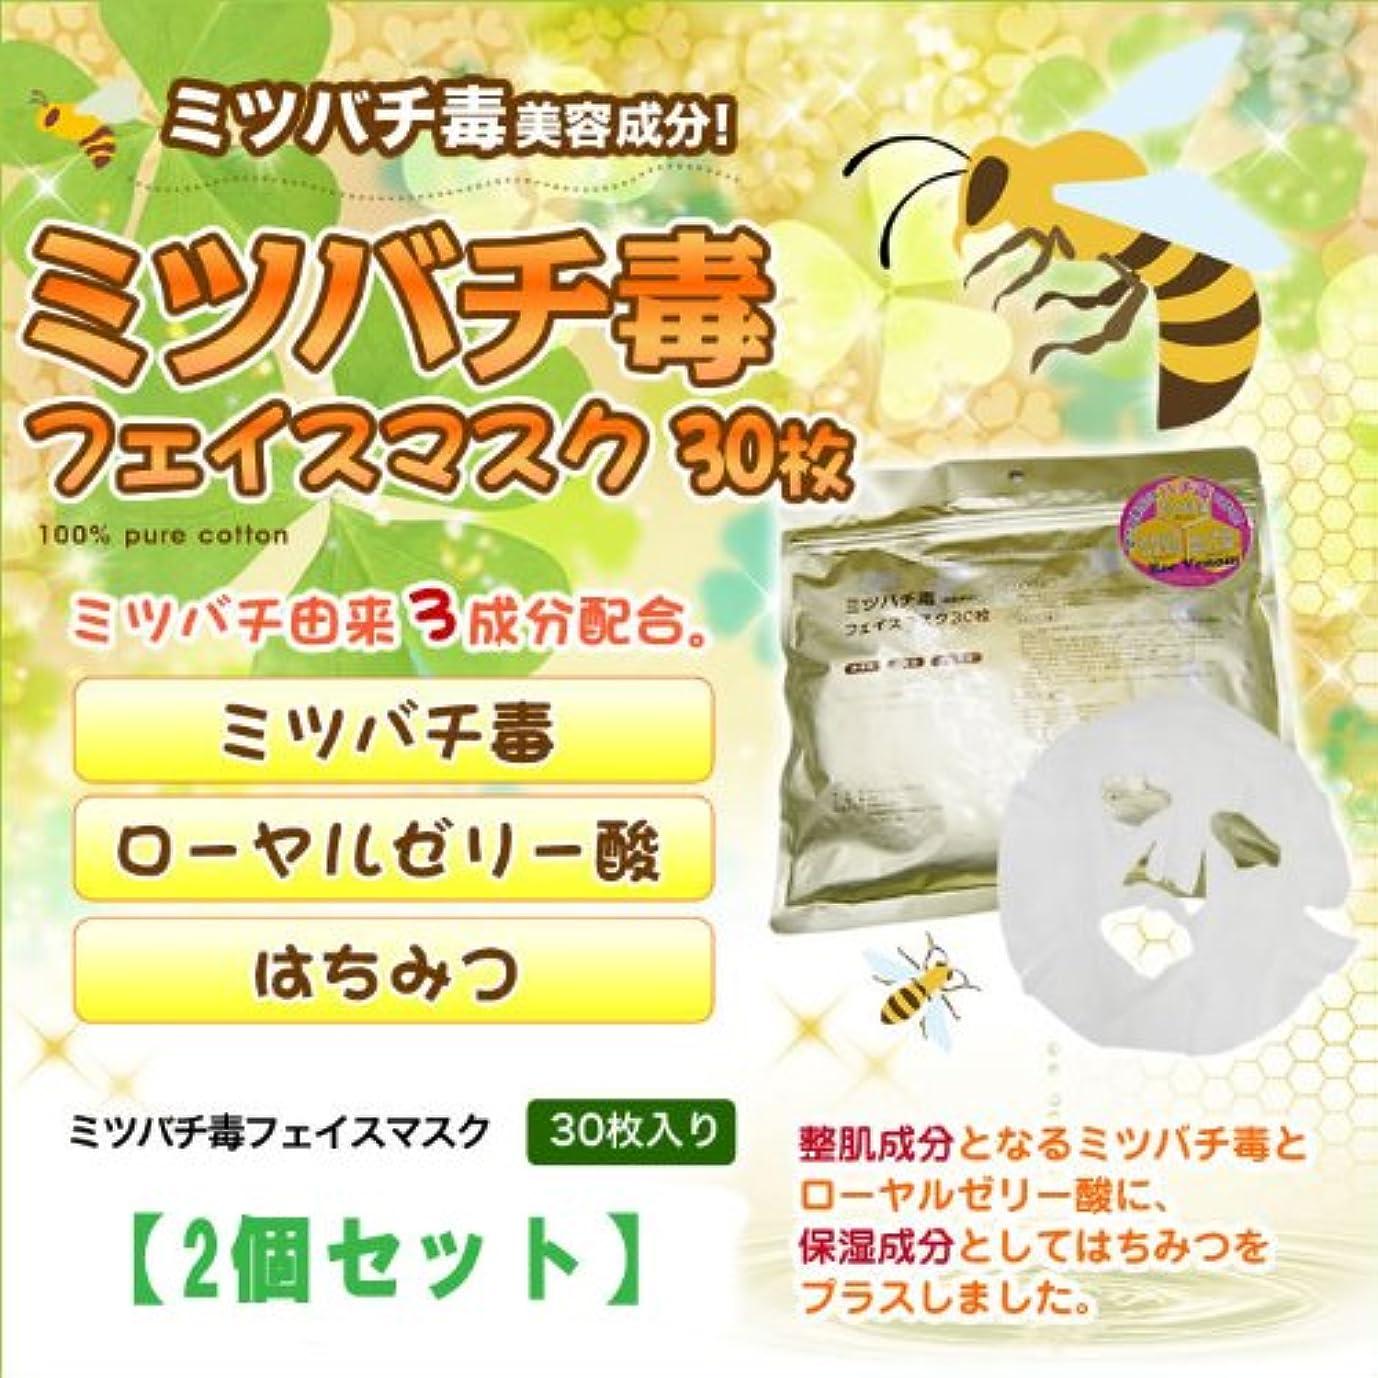 囲いこんにちは証明ミツバチ毒フェイスマスク30枚入り×2個セット(ミツバチ由来3成分配合美容マスクシートパック)